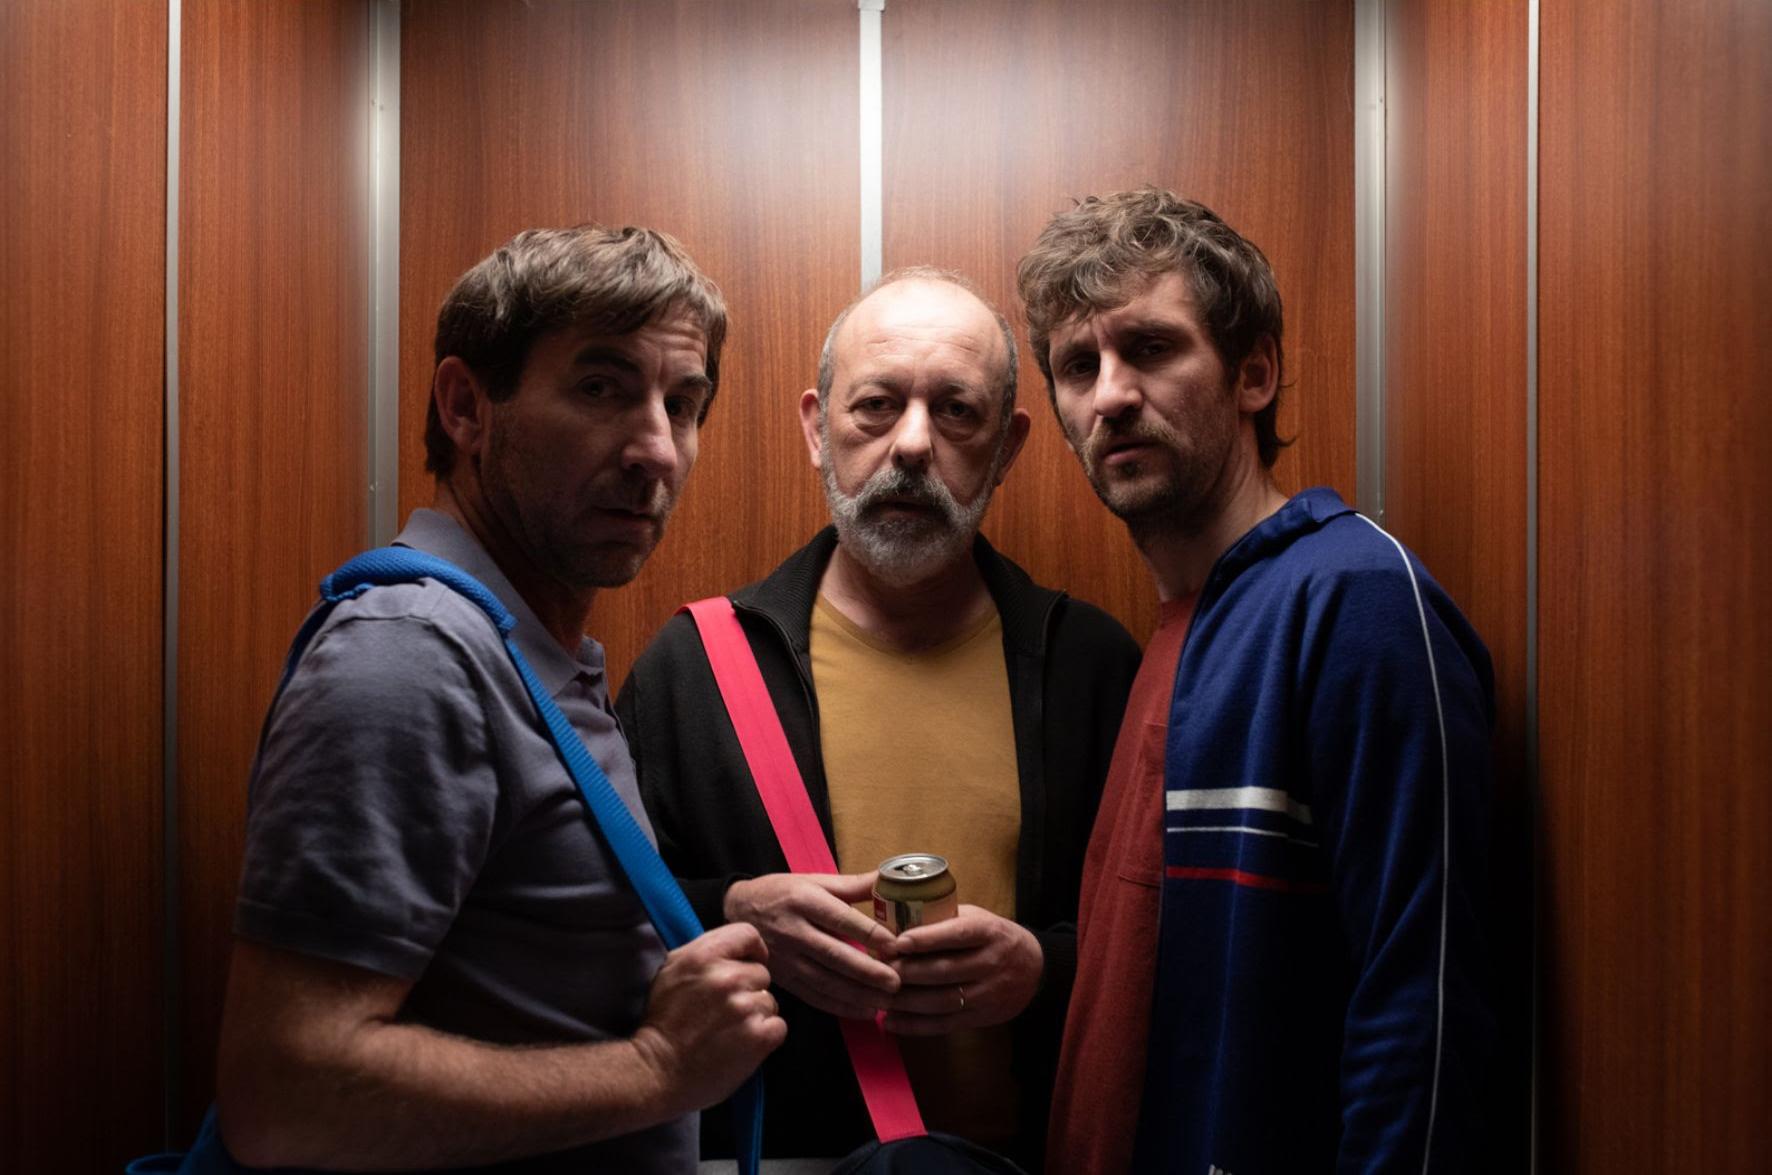 El Plan, de Polo Menárguez se estrena en febrero